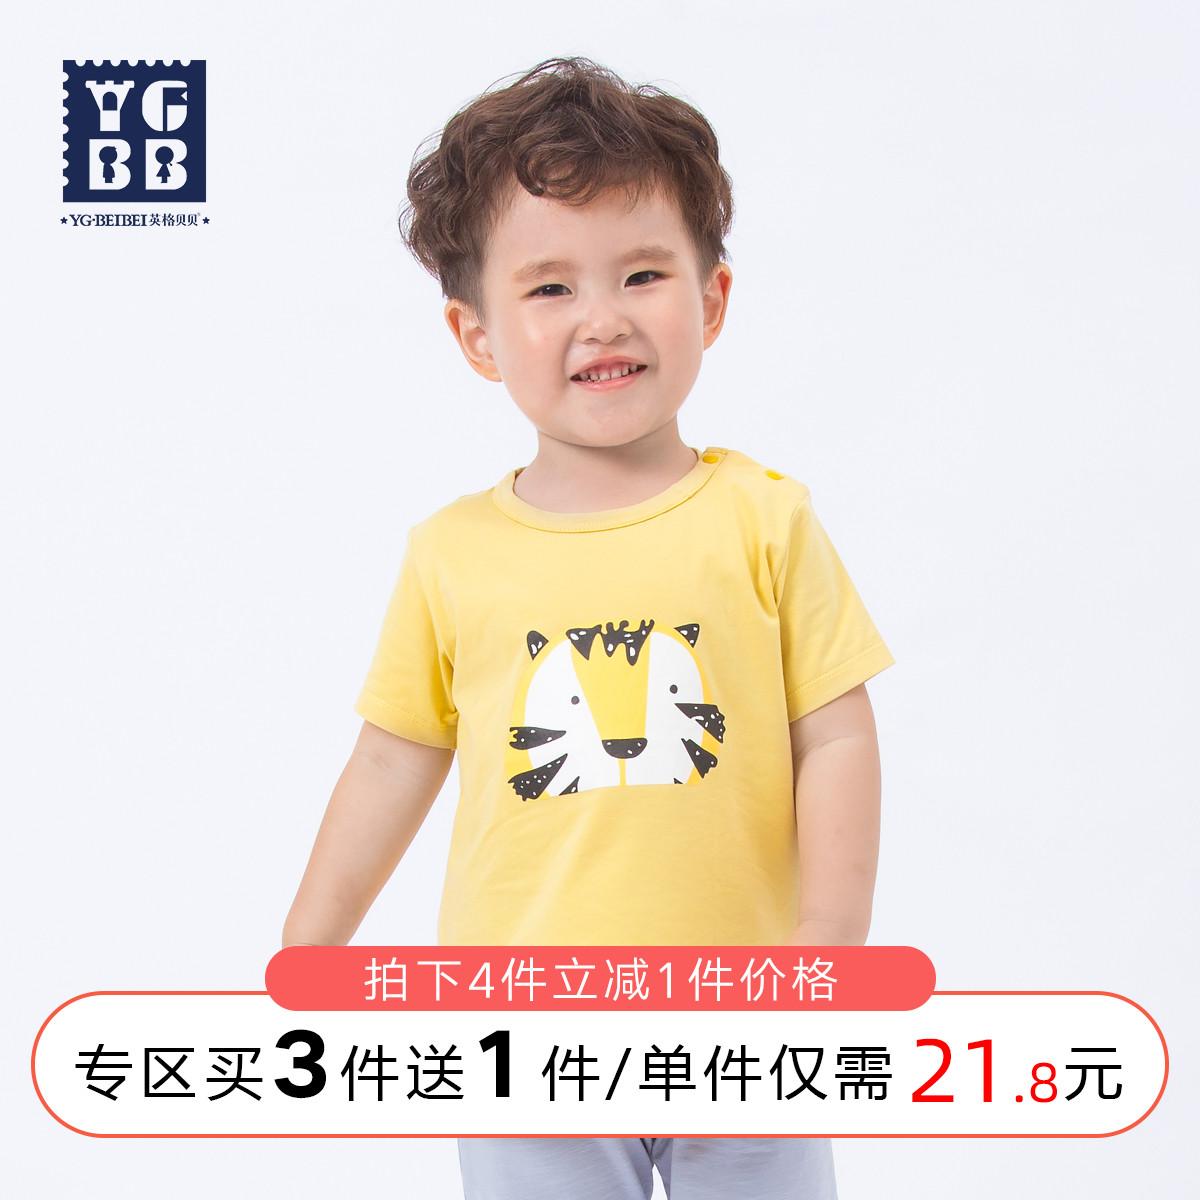 英格贝贝儿童短袖t恤男宝宝打底衫